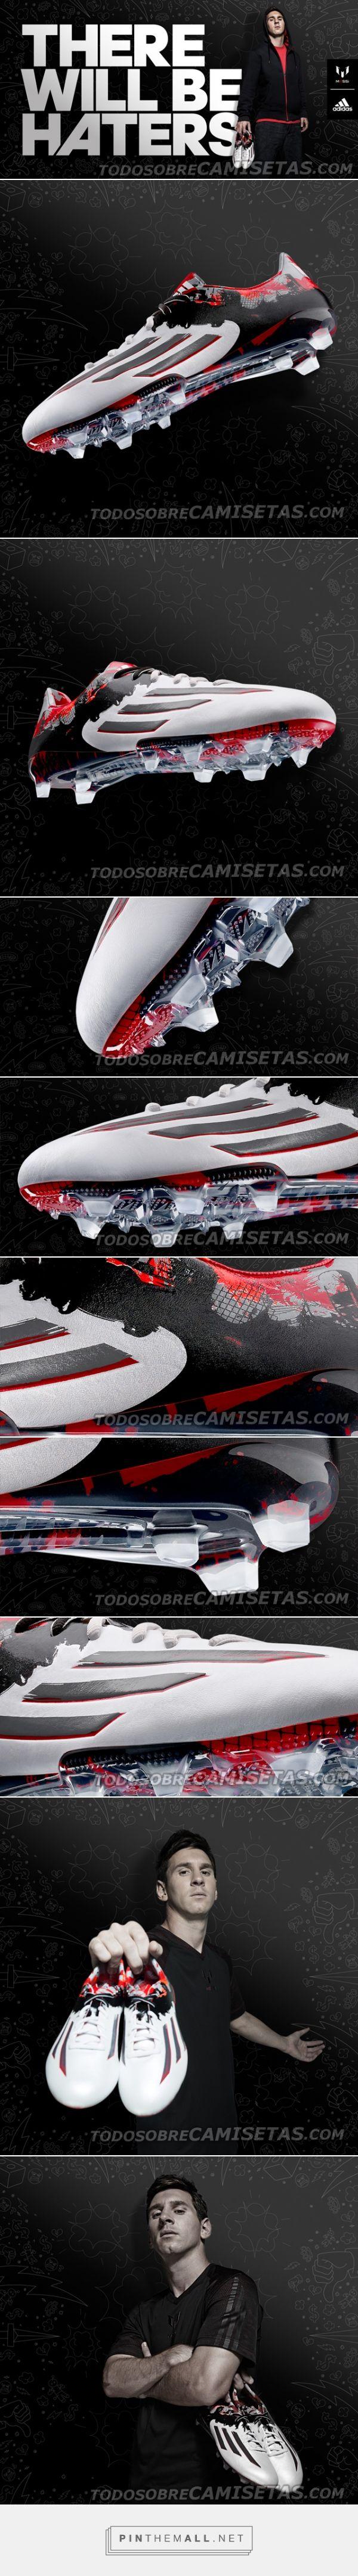 Adidas Messi 10.1 FG Soccer Cleats (Pibe De Barr10)